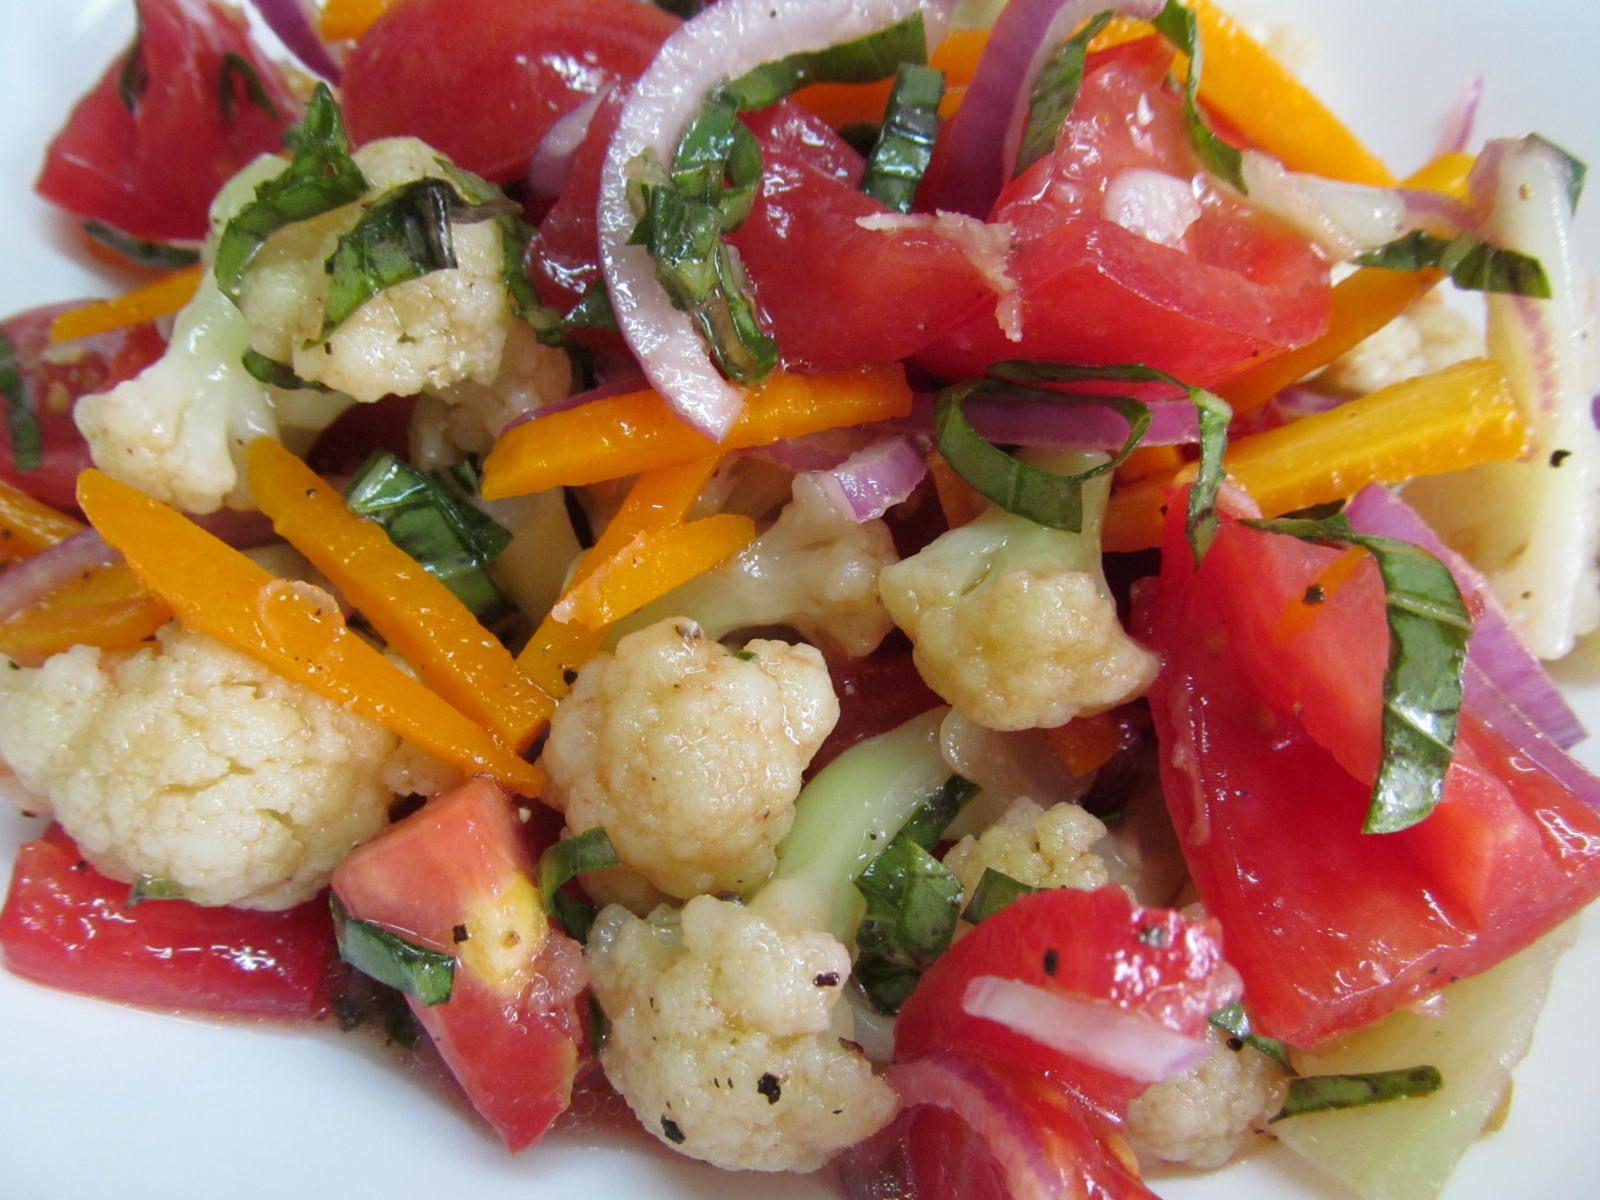 салат из цветной капусты рецепт с фото иногда устройства, которые